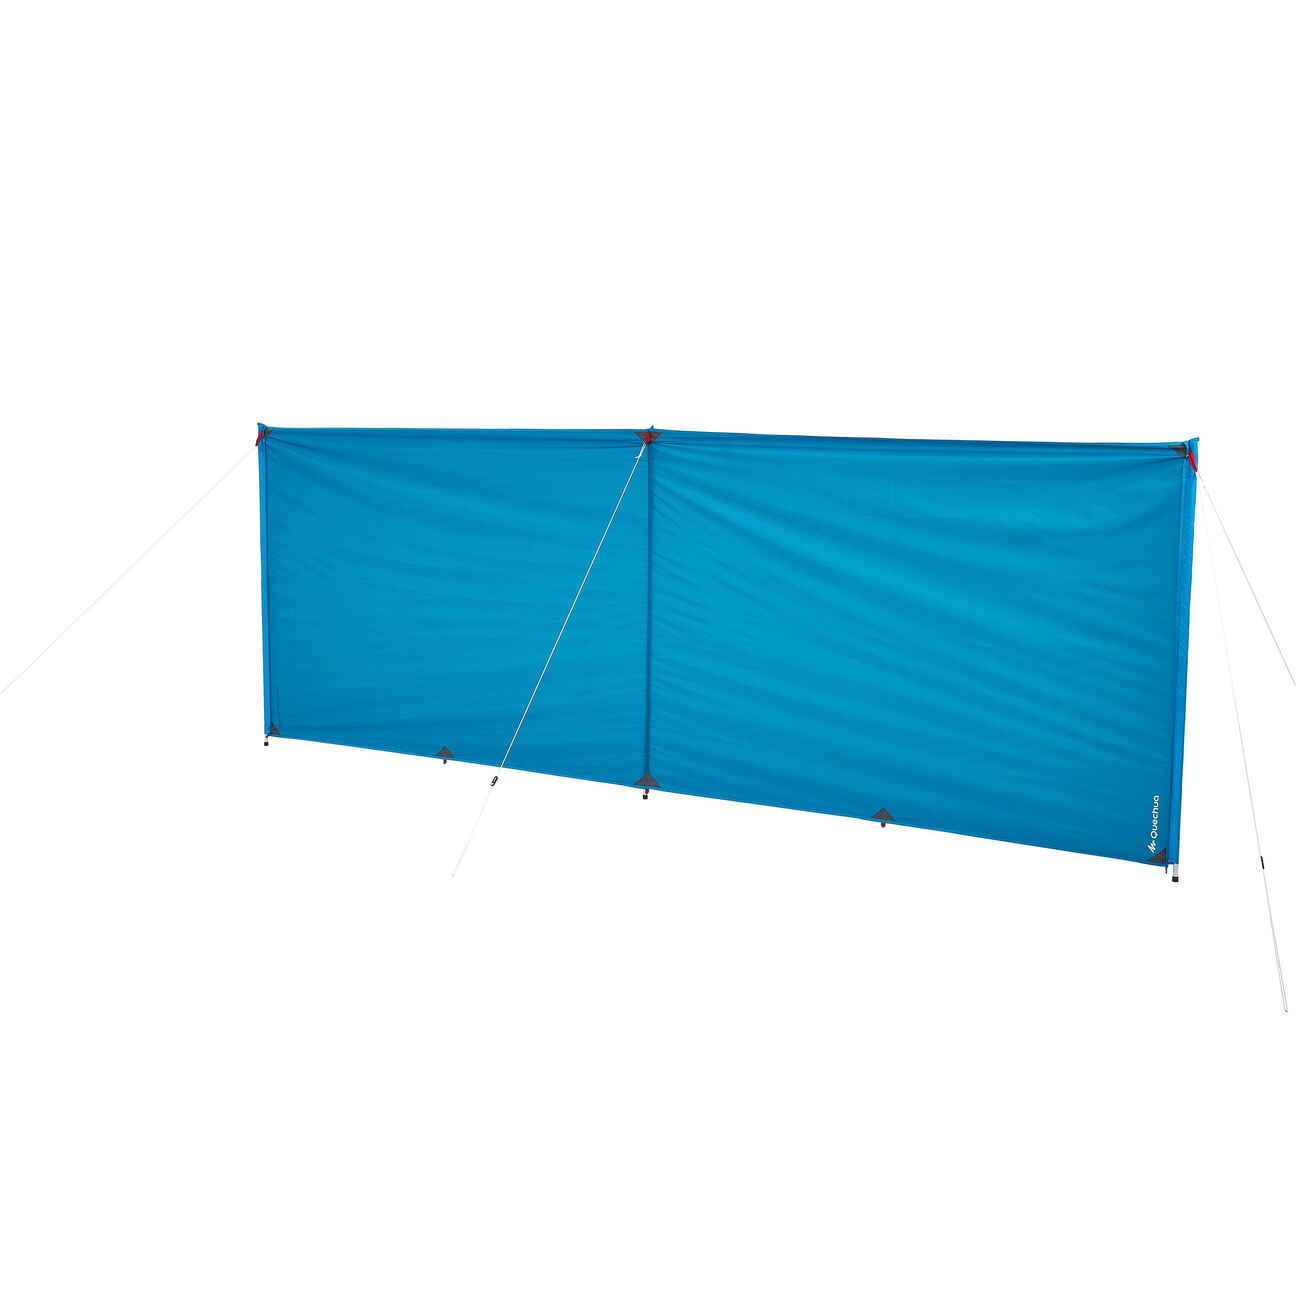 Camping-Windschutz 4×1,45 m für 6 Personen